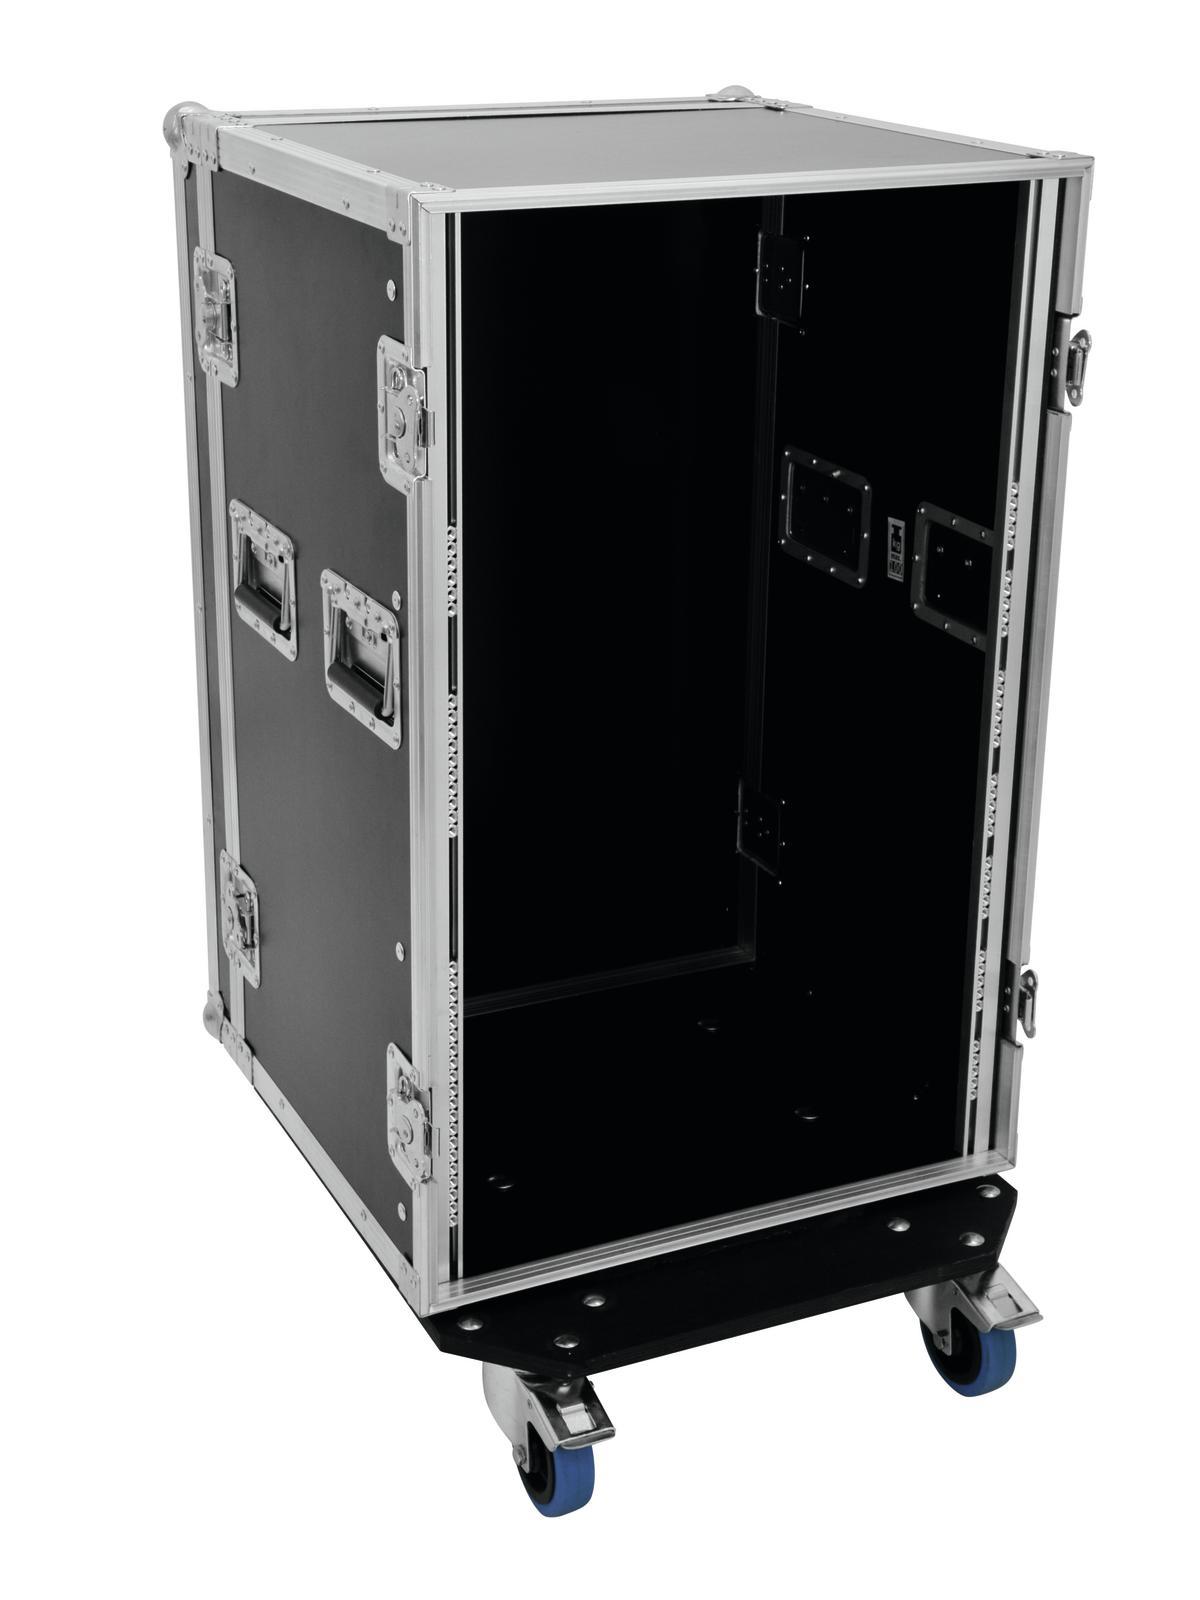 Flight case Rack Per il trasporto Di amplificatori 18U, 45cm Profi ROADINGER Ner